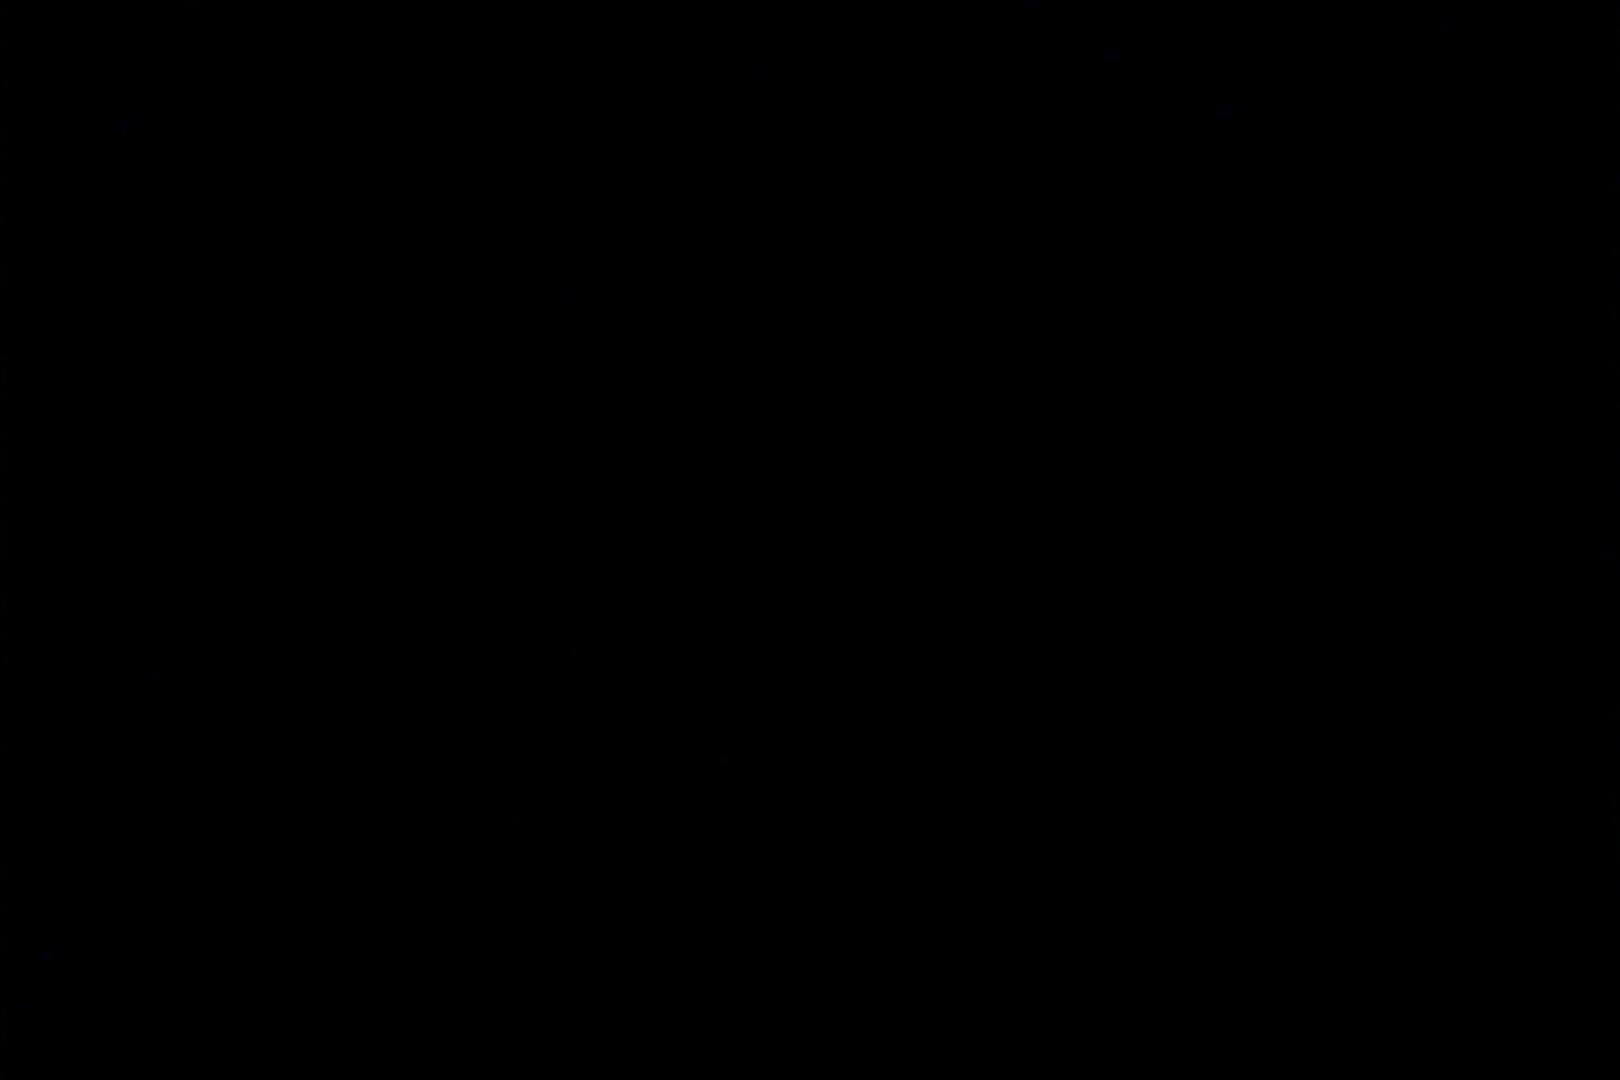 亀さんかわや VIPバージョン! vol.38 OL女体 オマンコ無修正動画無料 104連発 38